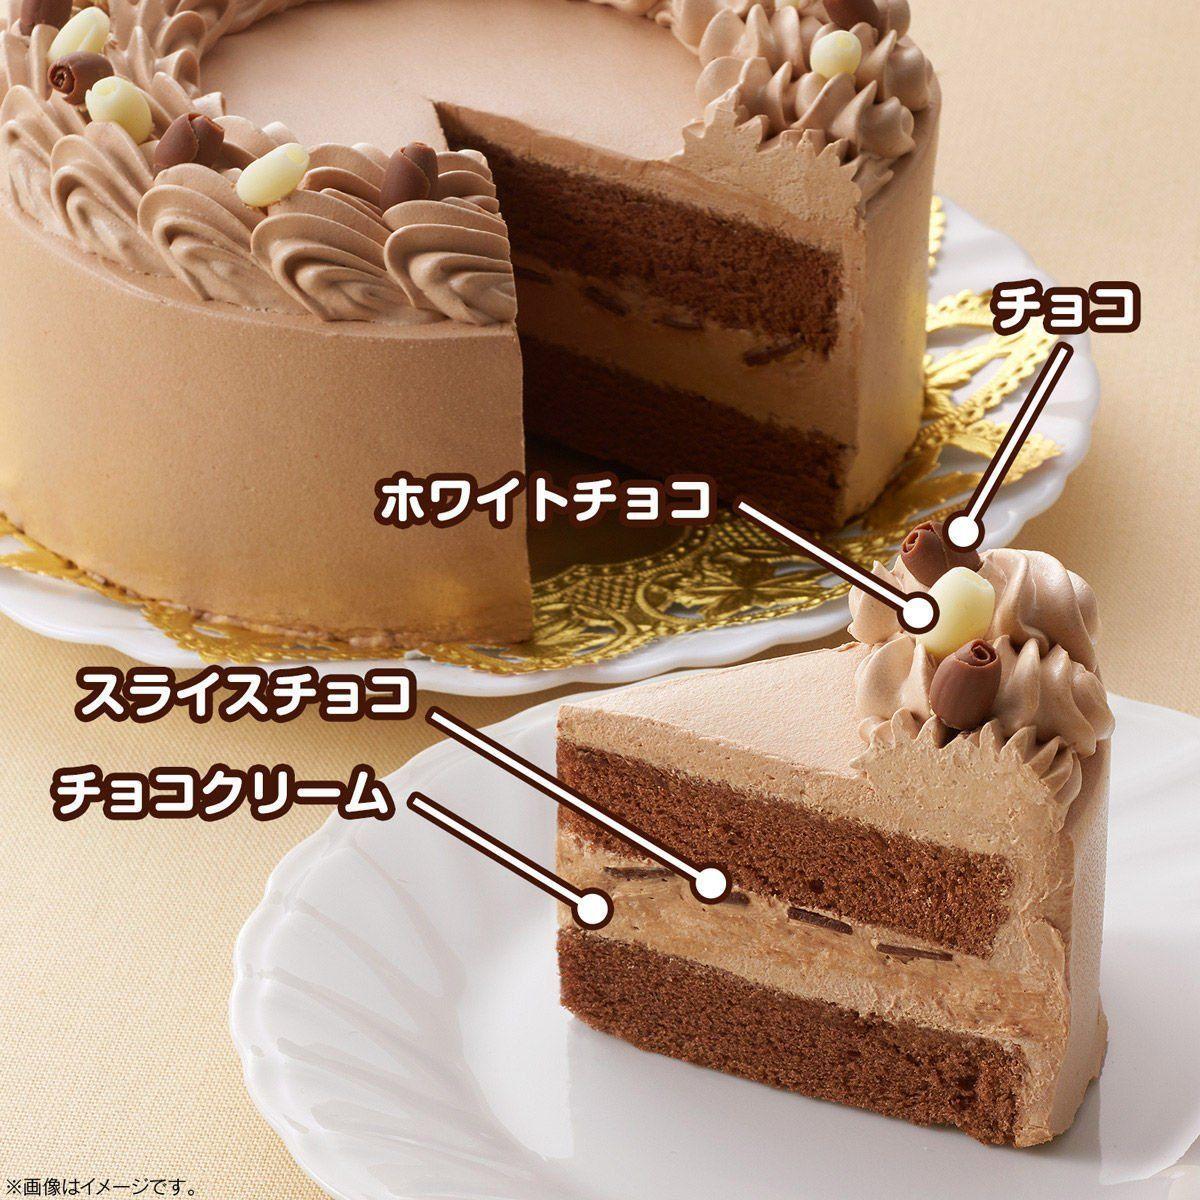 キャラデコパーティーケーキ 機界戦隊ゼンカイジャー(チョコクリーム)(5号サイズ)_7